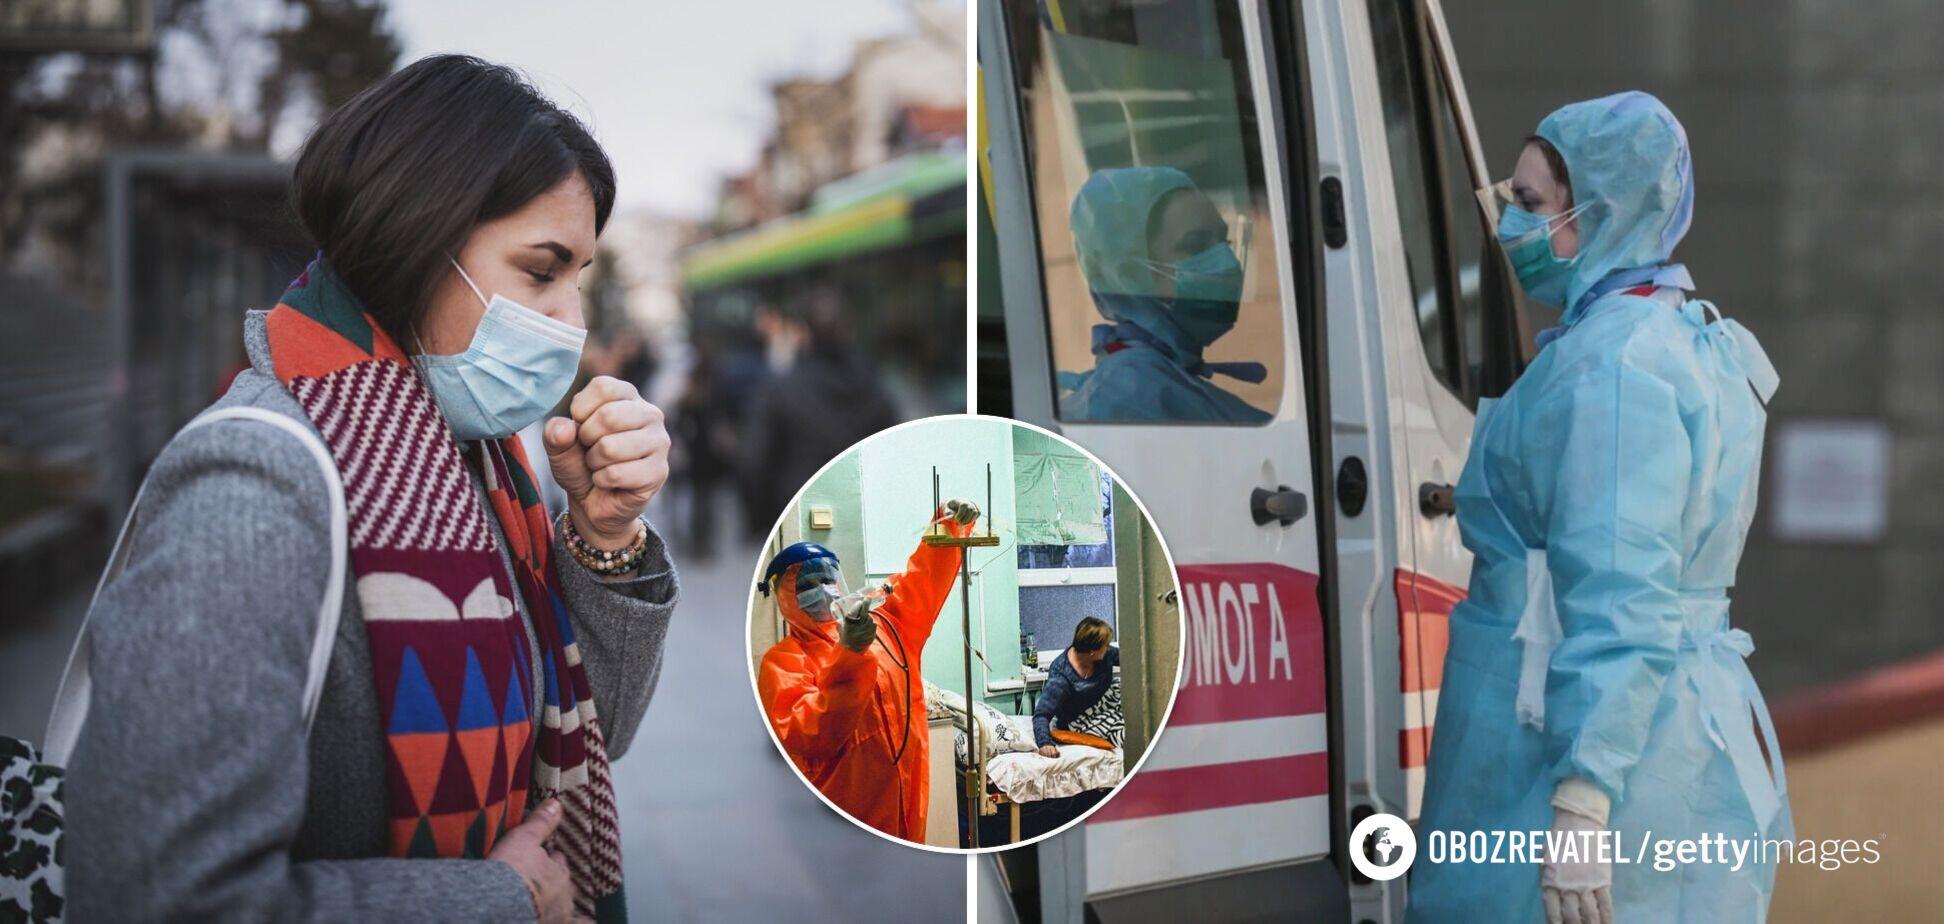 'Червона' Житомирщина стала лідером за приростом хворих на COVID-19: яка ситуація у регіонах